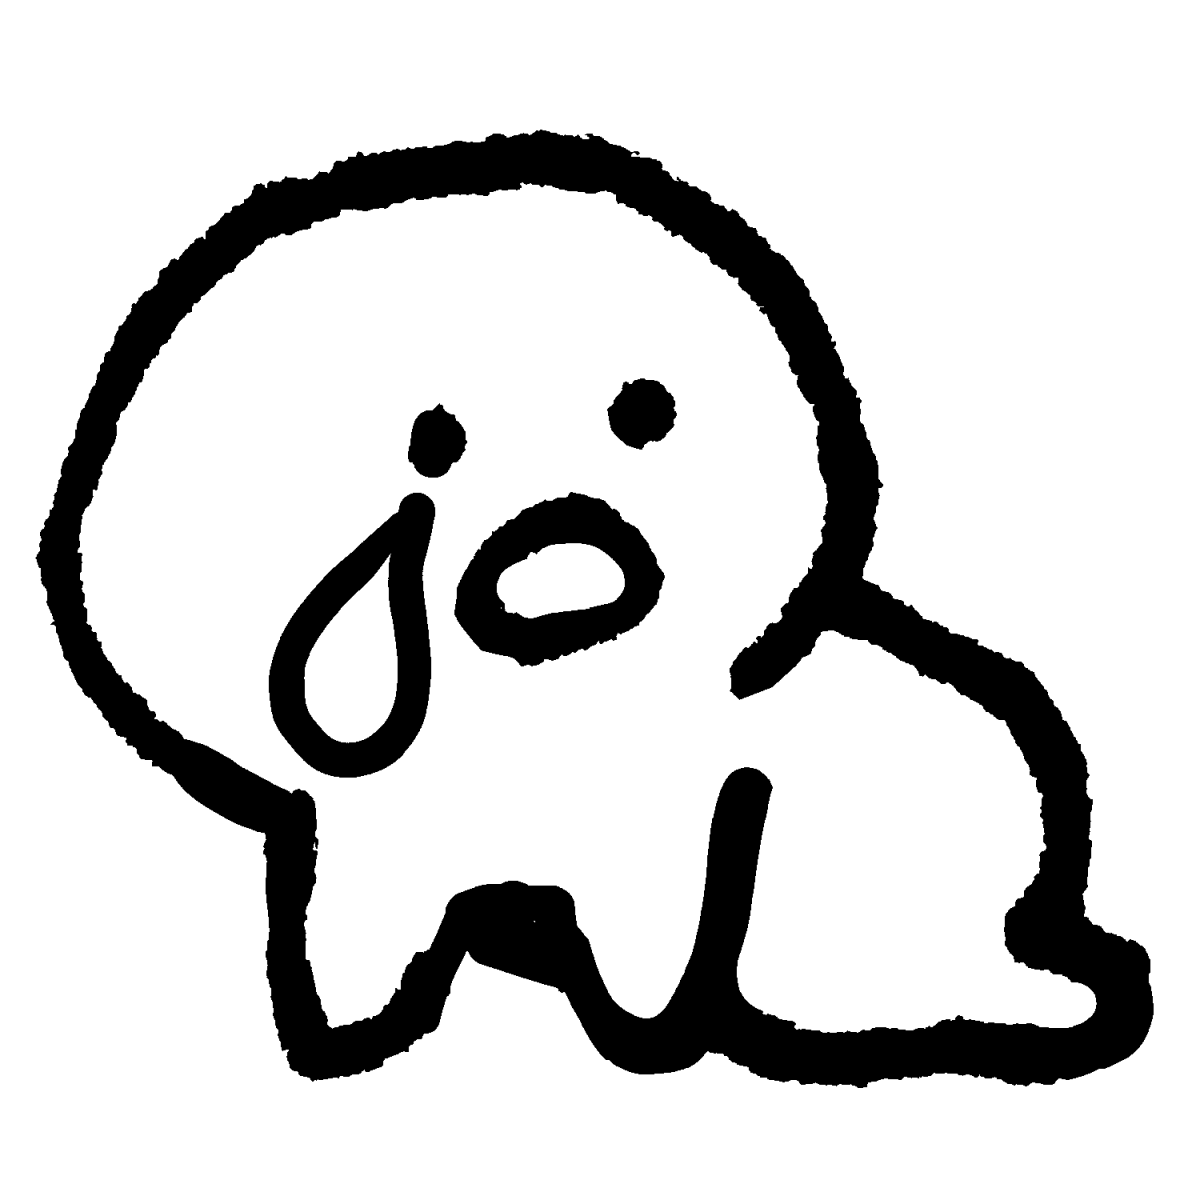 倒れ込んでべそをかくのイラスト /  Illustration